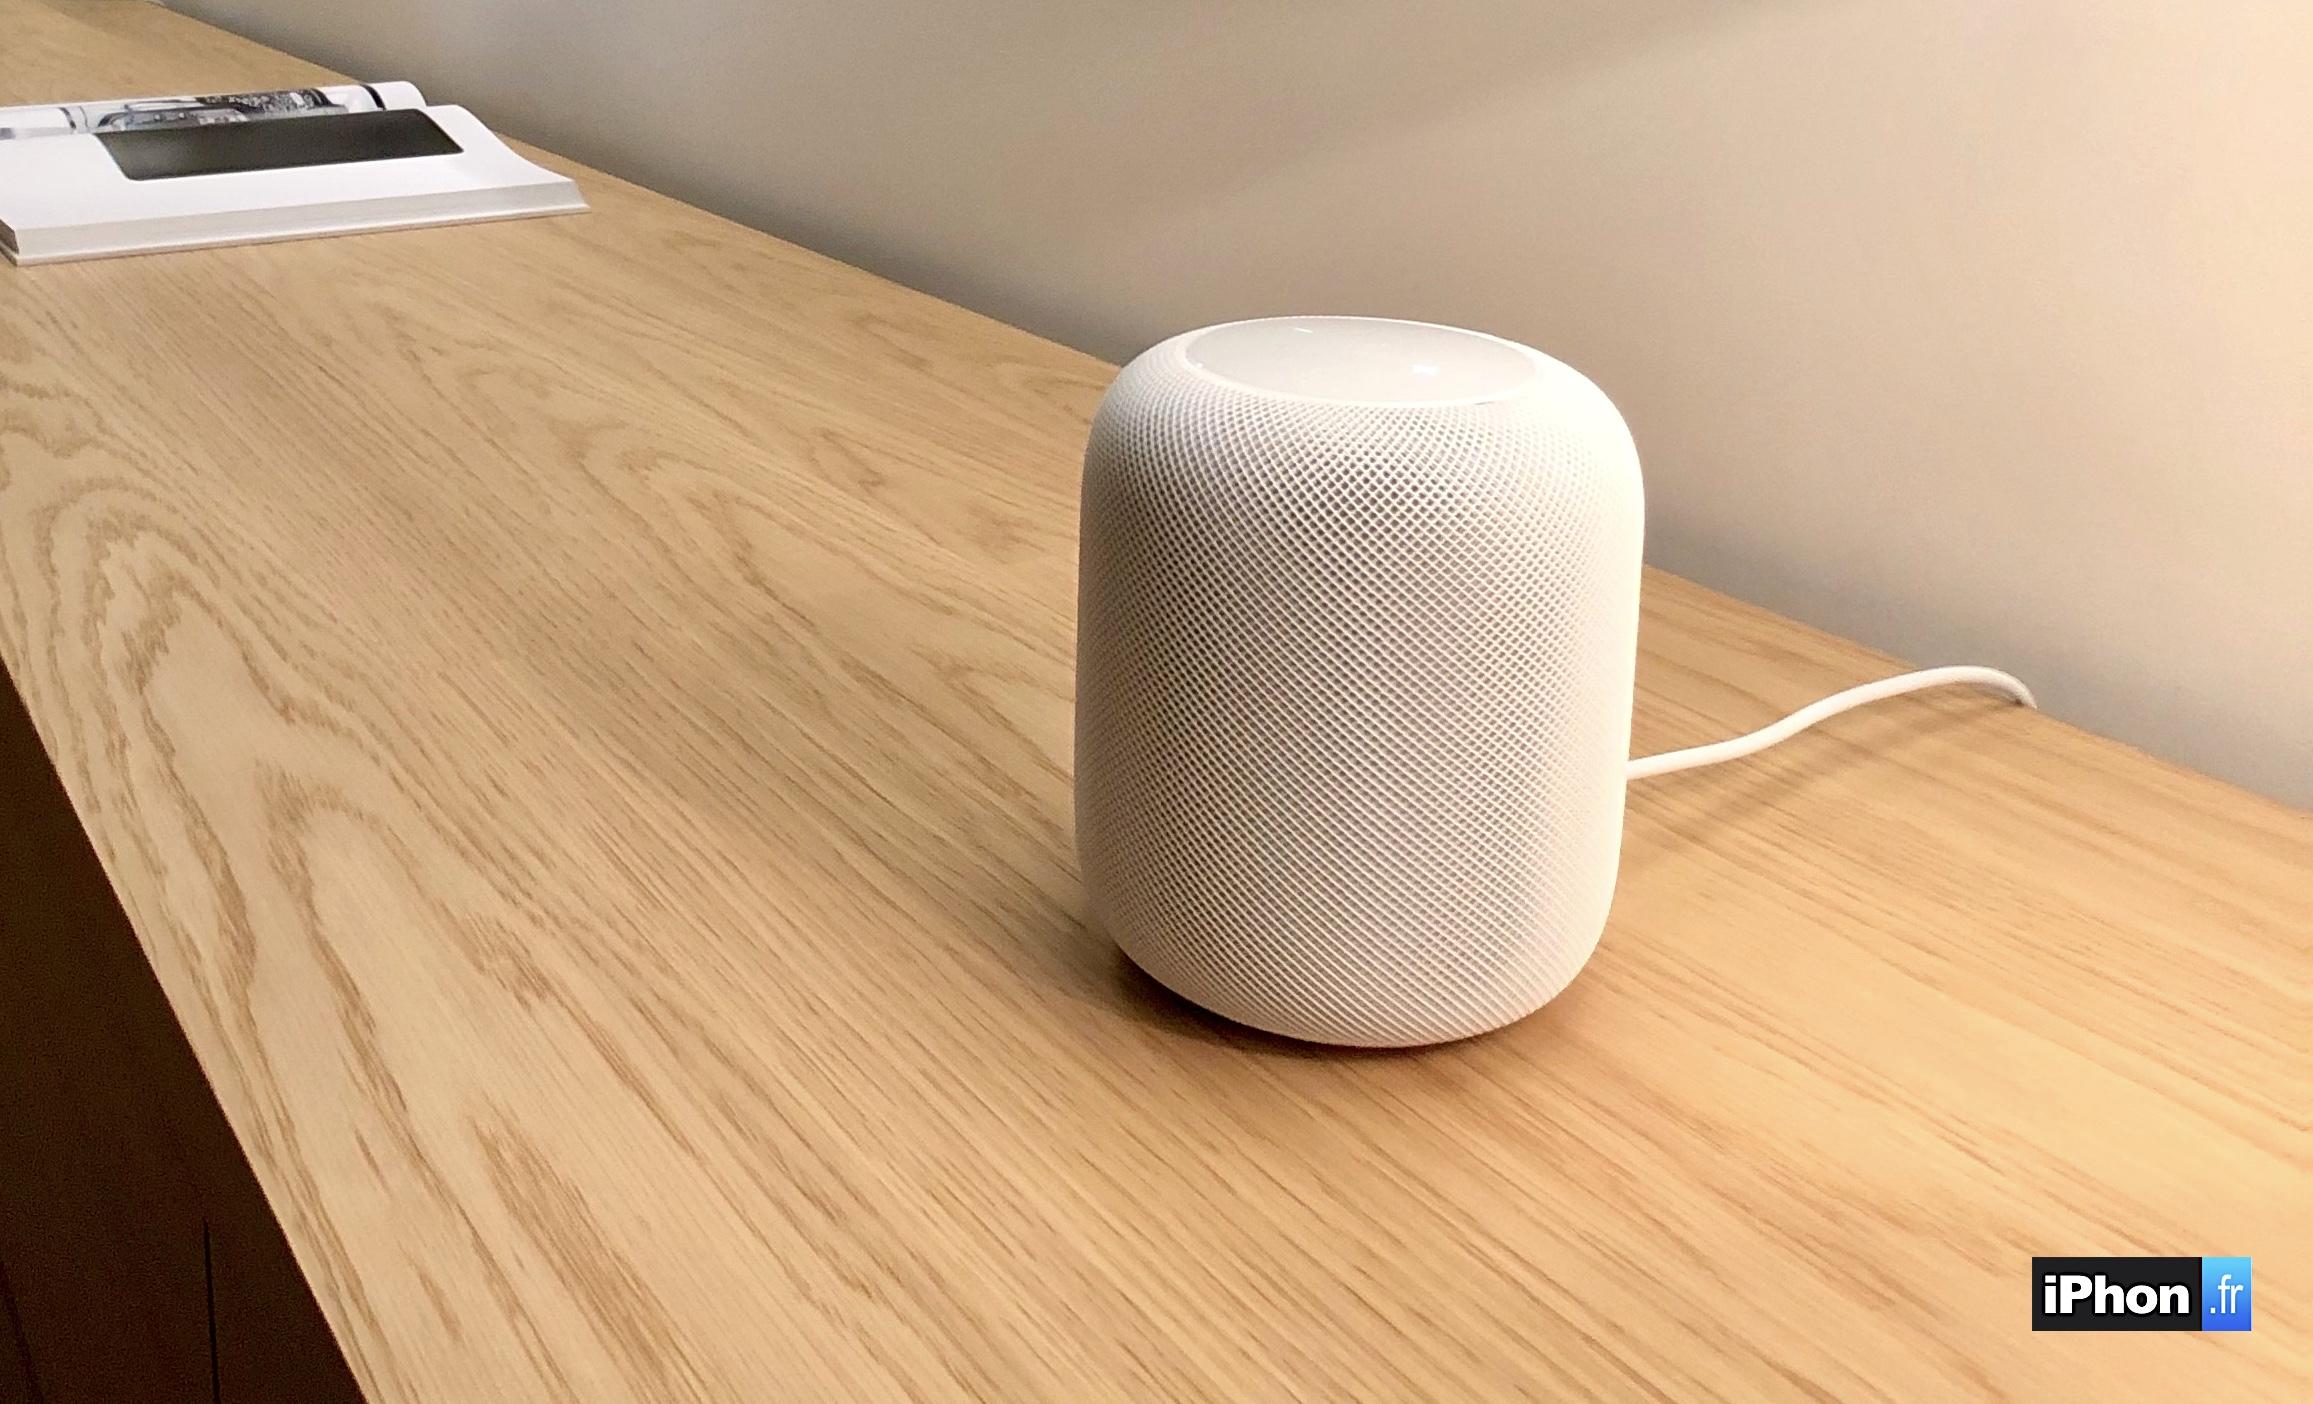 Homepod, l'enceinte Siri d'Apple arrive en Chine avant les Google Home et Amazon Echo 1